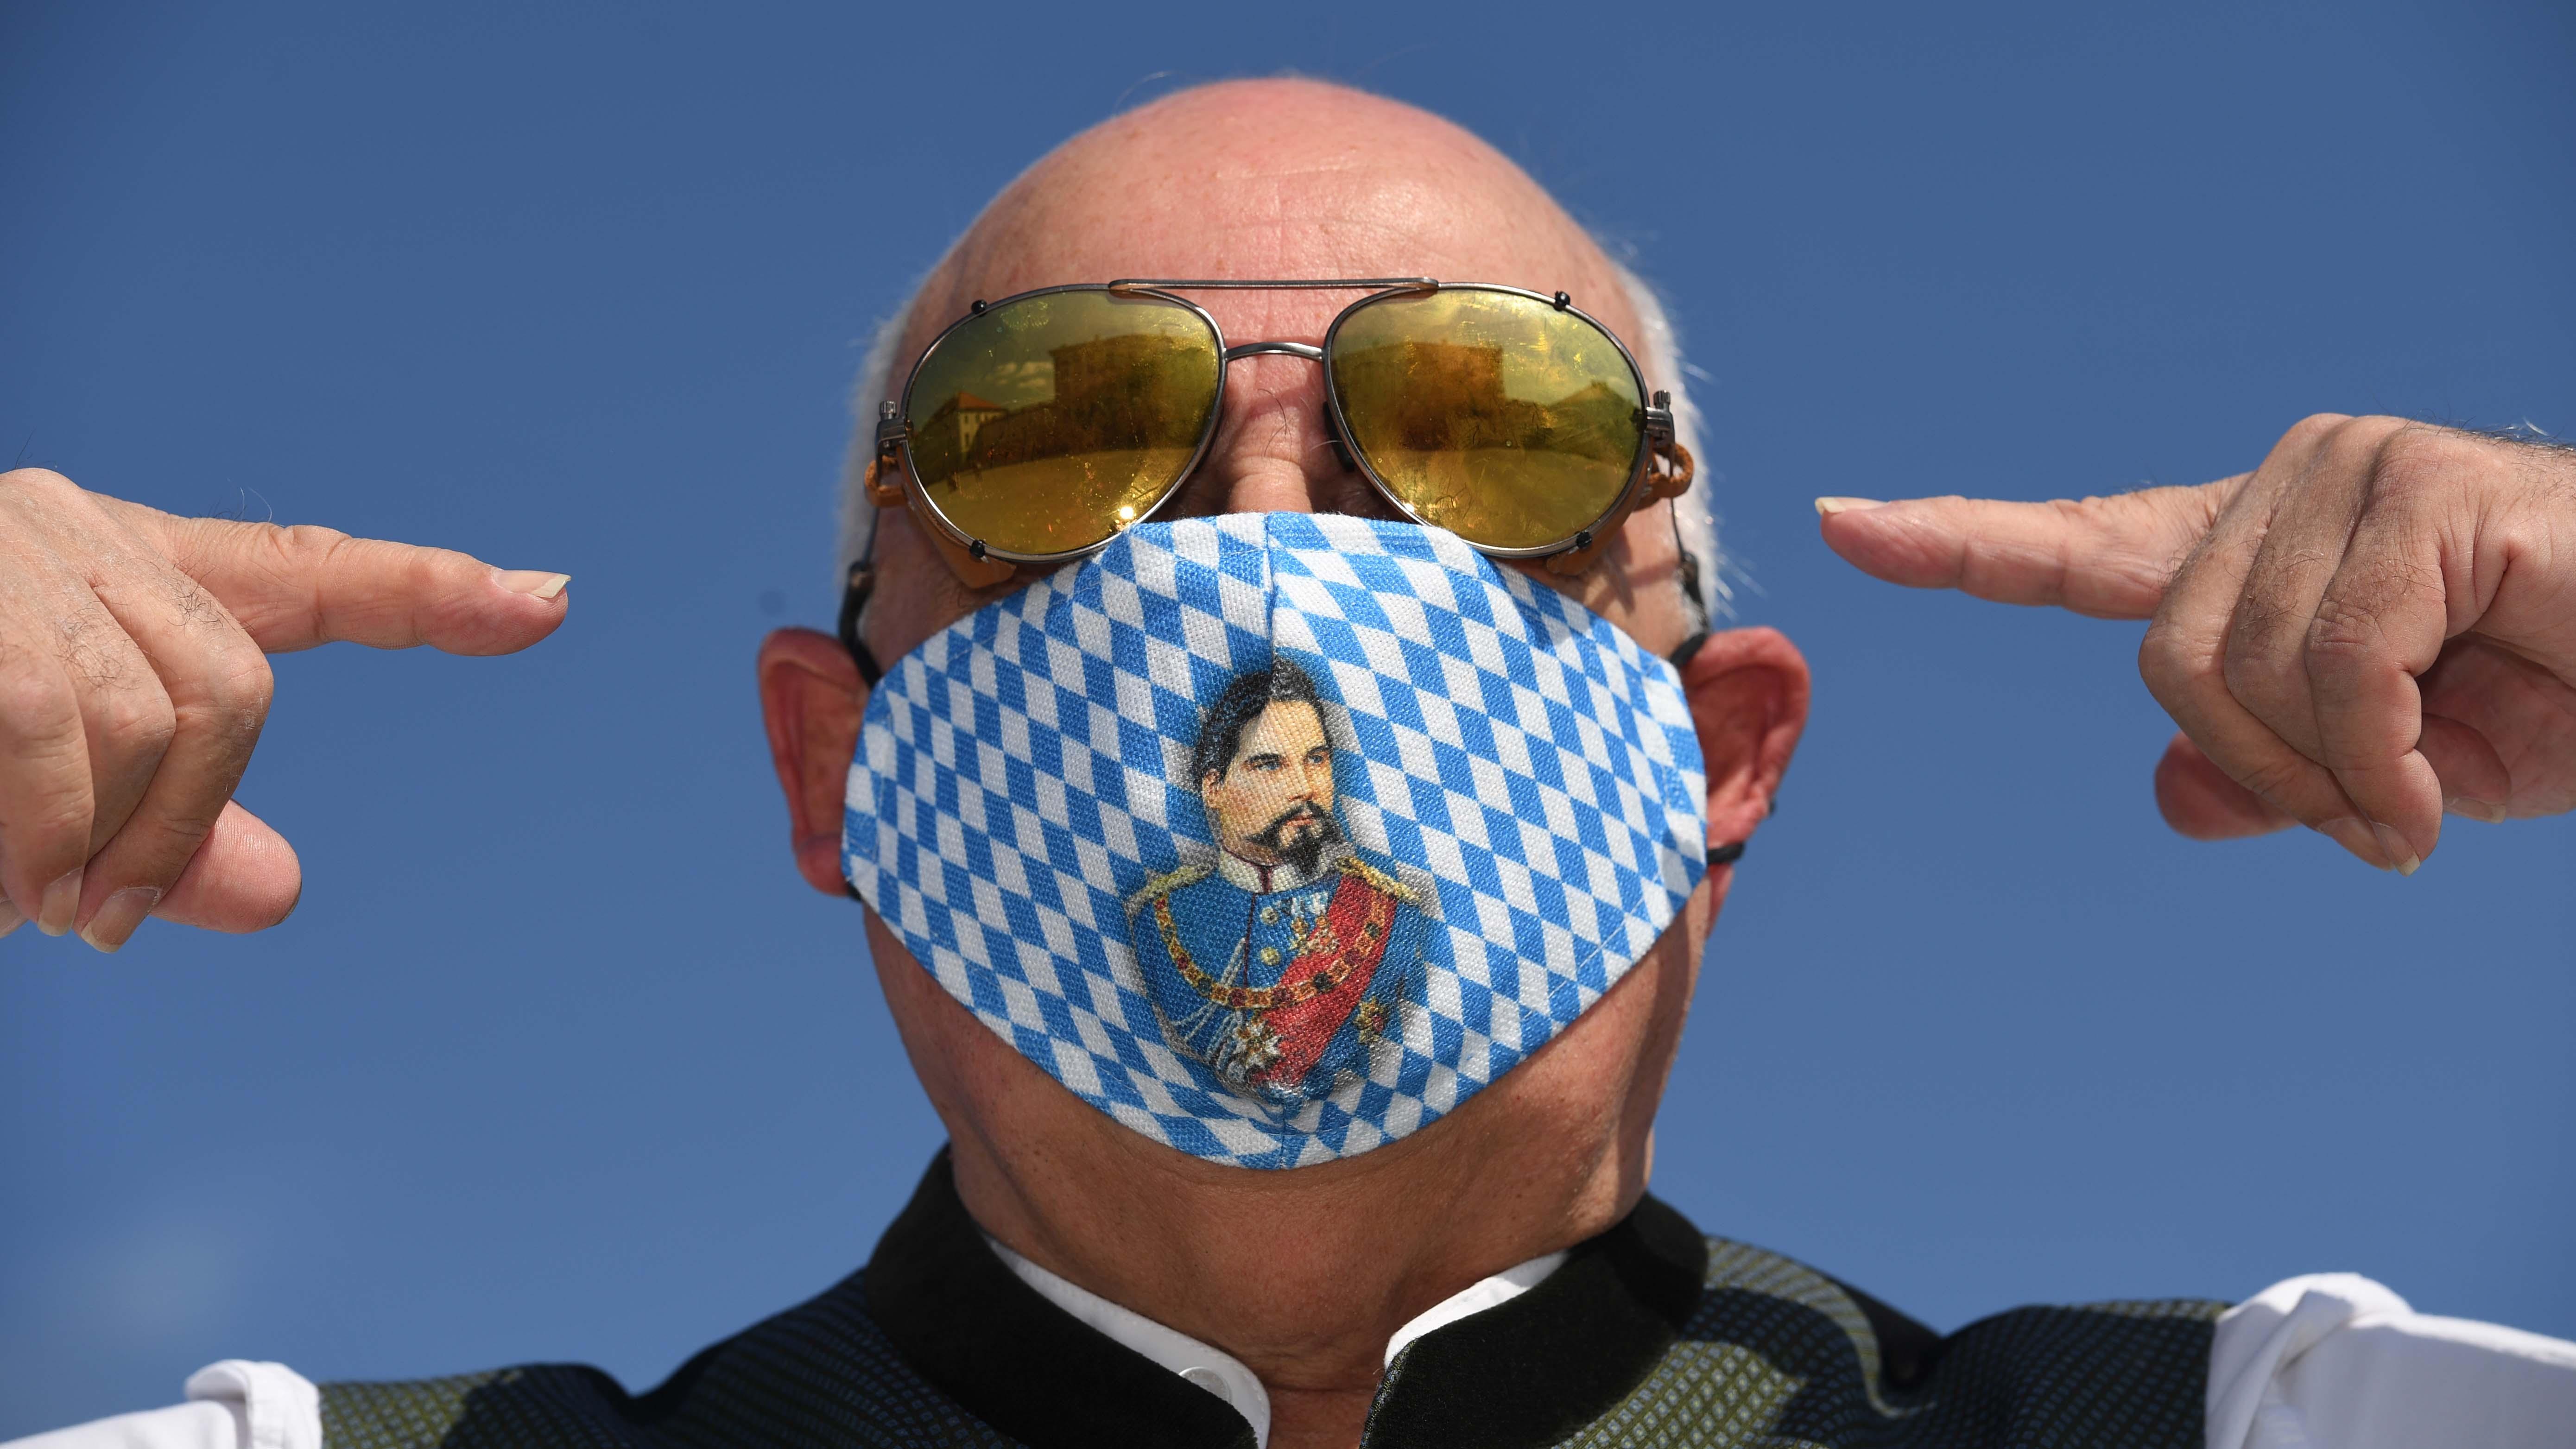 10 St/ück aus transparentem PP Kranholdt Maskenverl/ängerer//Maskenverl/ängerung//Ohrenschoner f/ür Kinder und Erwachsene